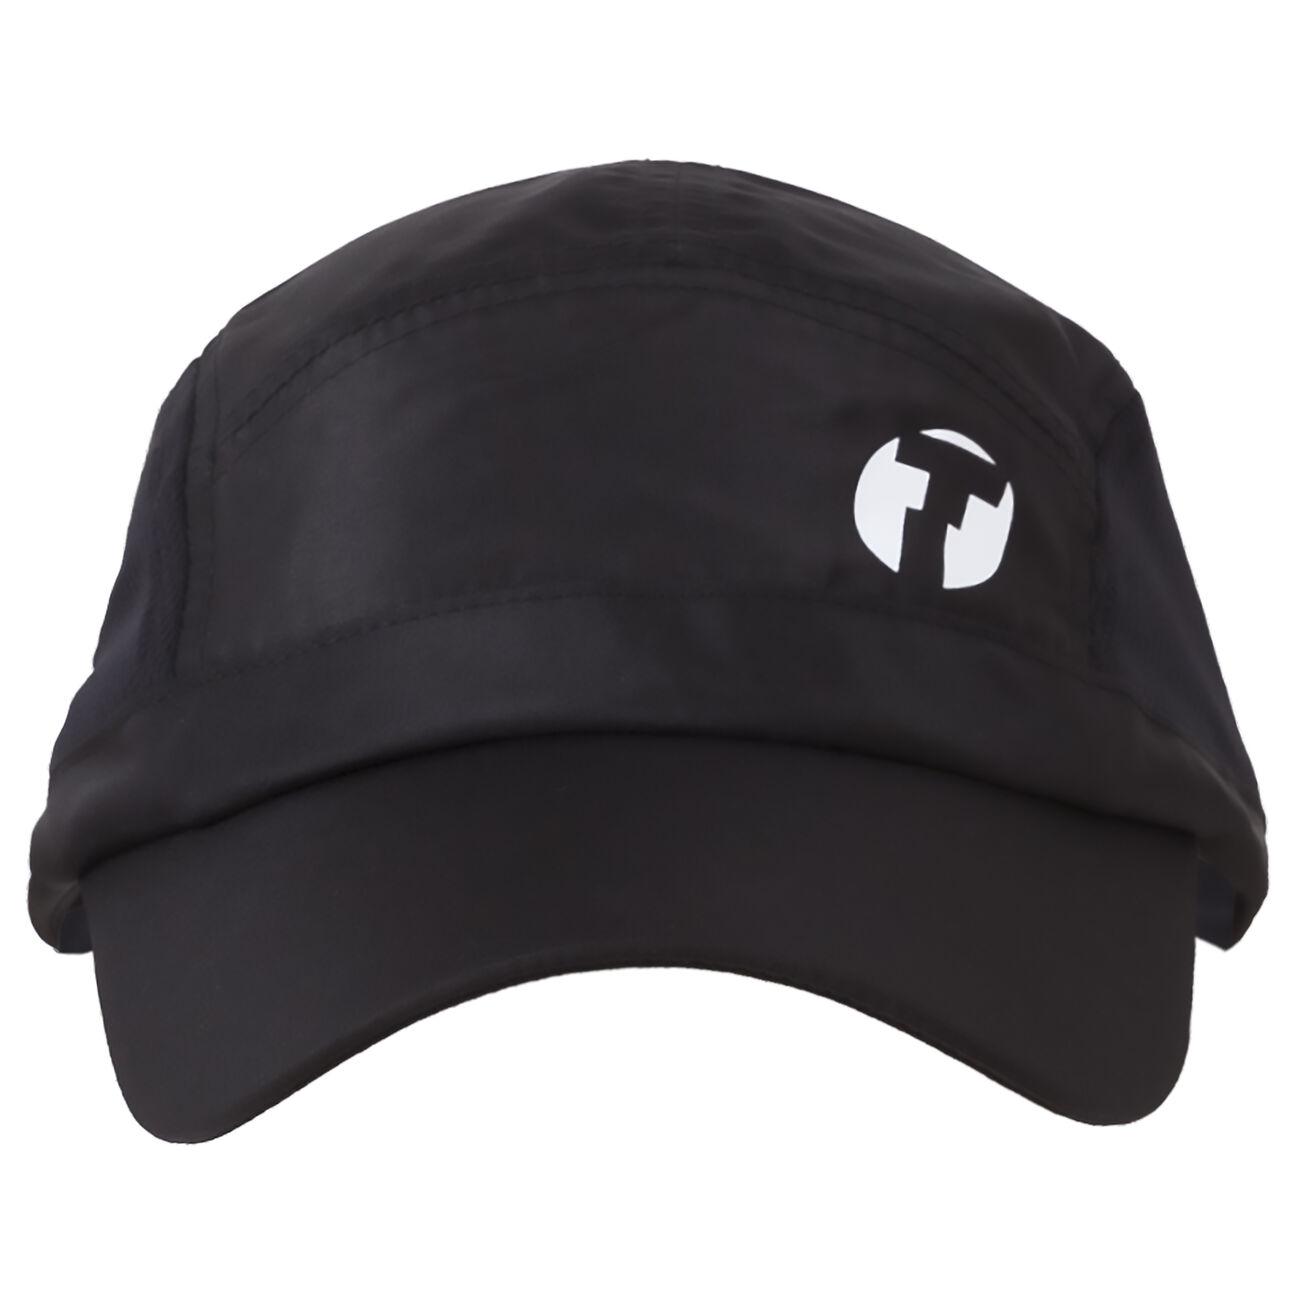 Run Cap